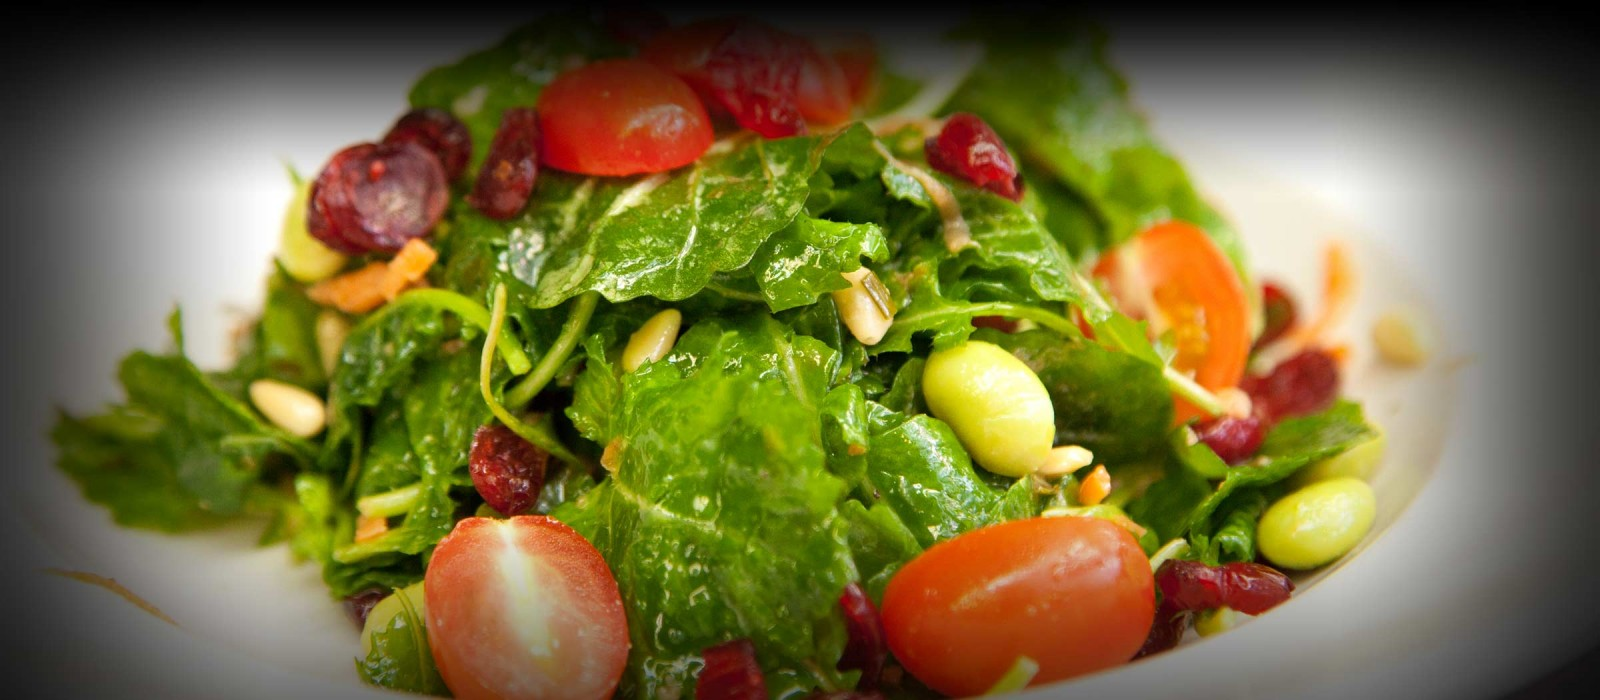 Kale-Salad-grad